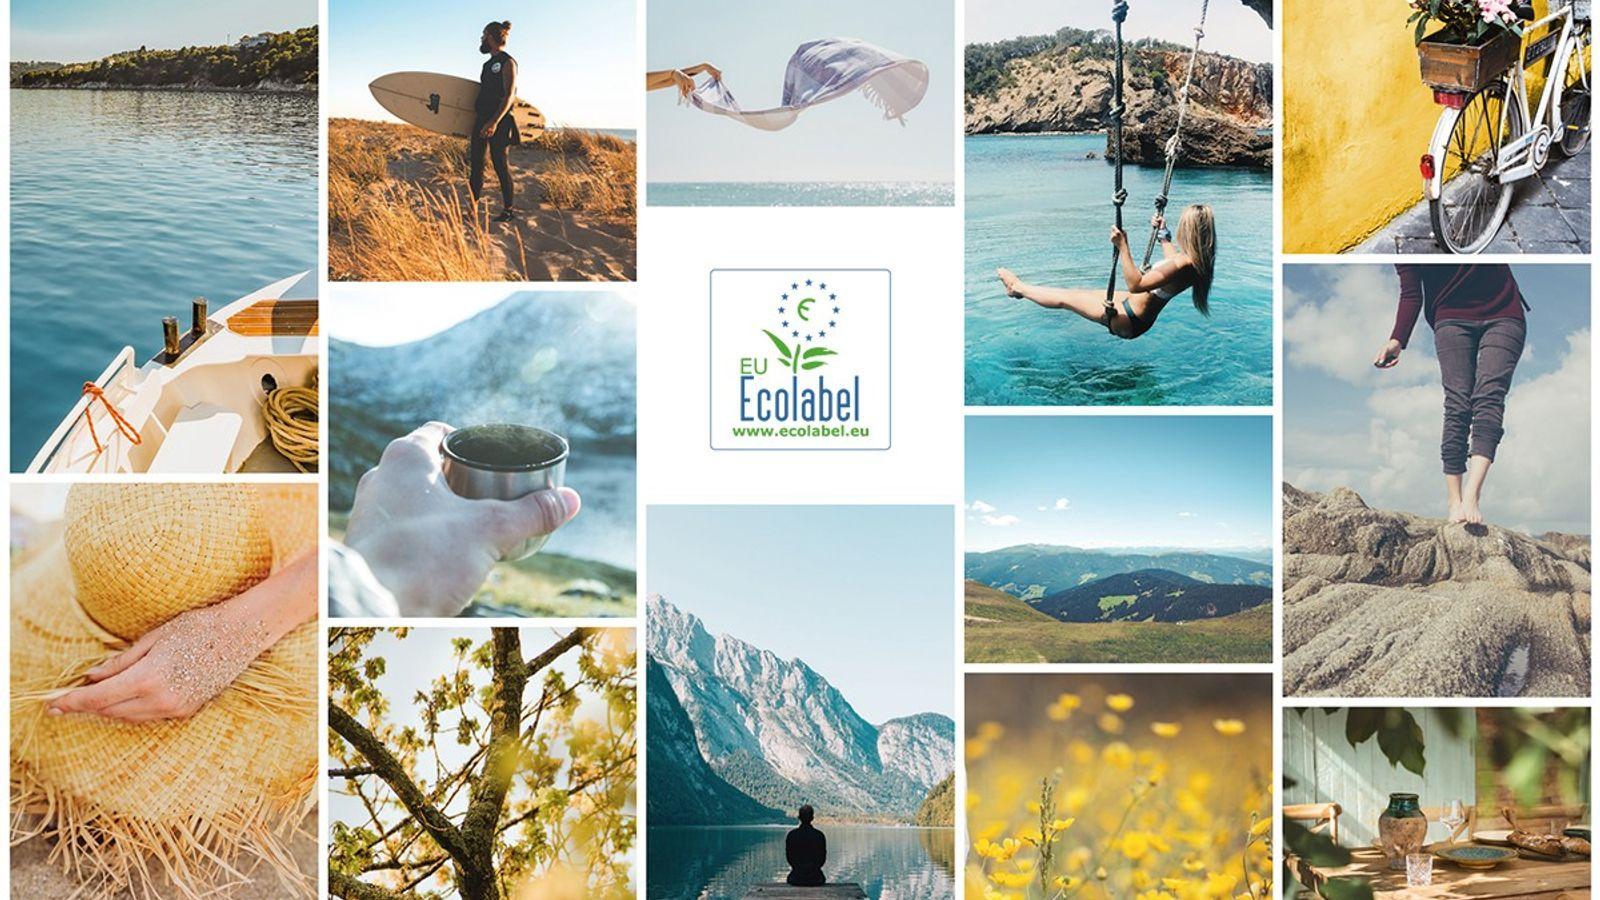 Seul label écologique officiel européen, l'Ecolabel garantit le respect des normes écologiques en vigueur pour des ...